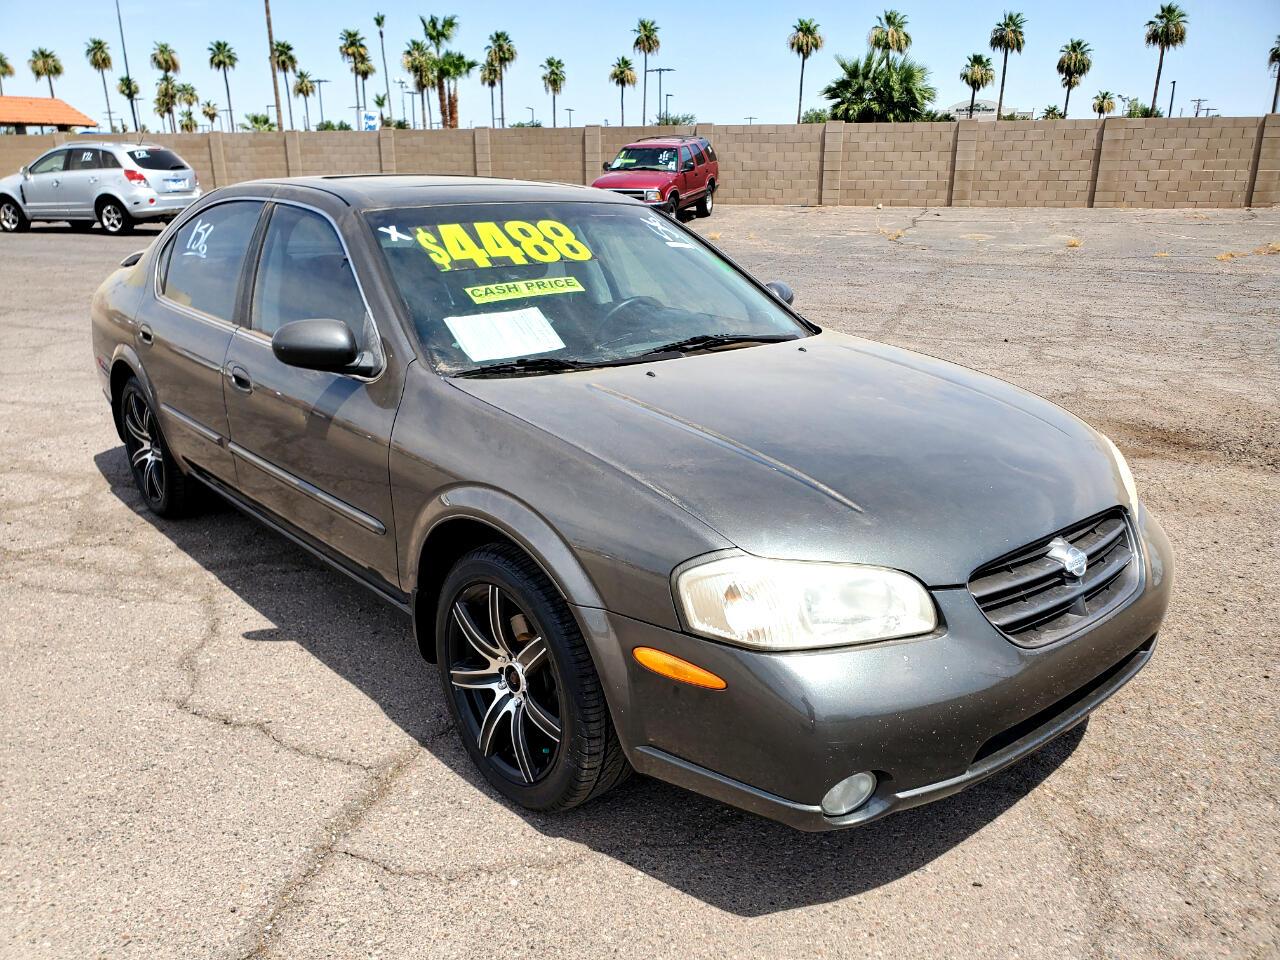 2000 Nissan Maxima 4dr Sdn GLE Auto